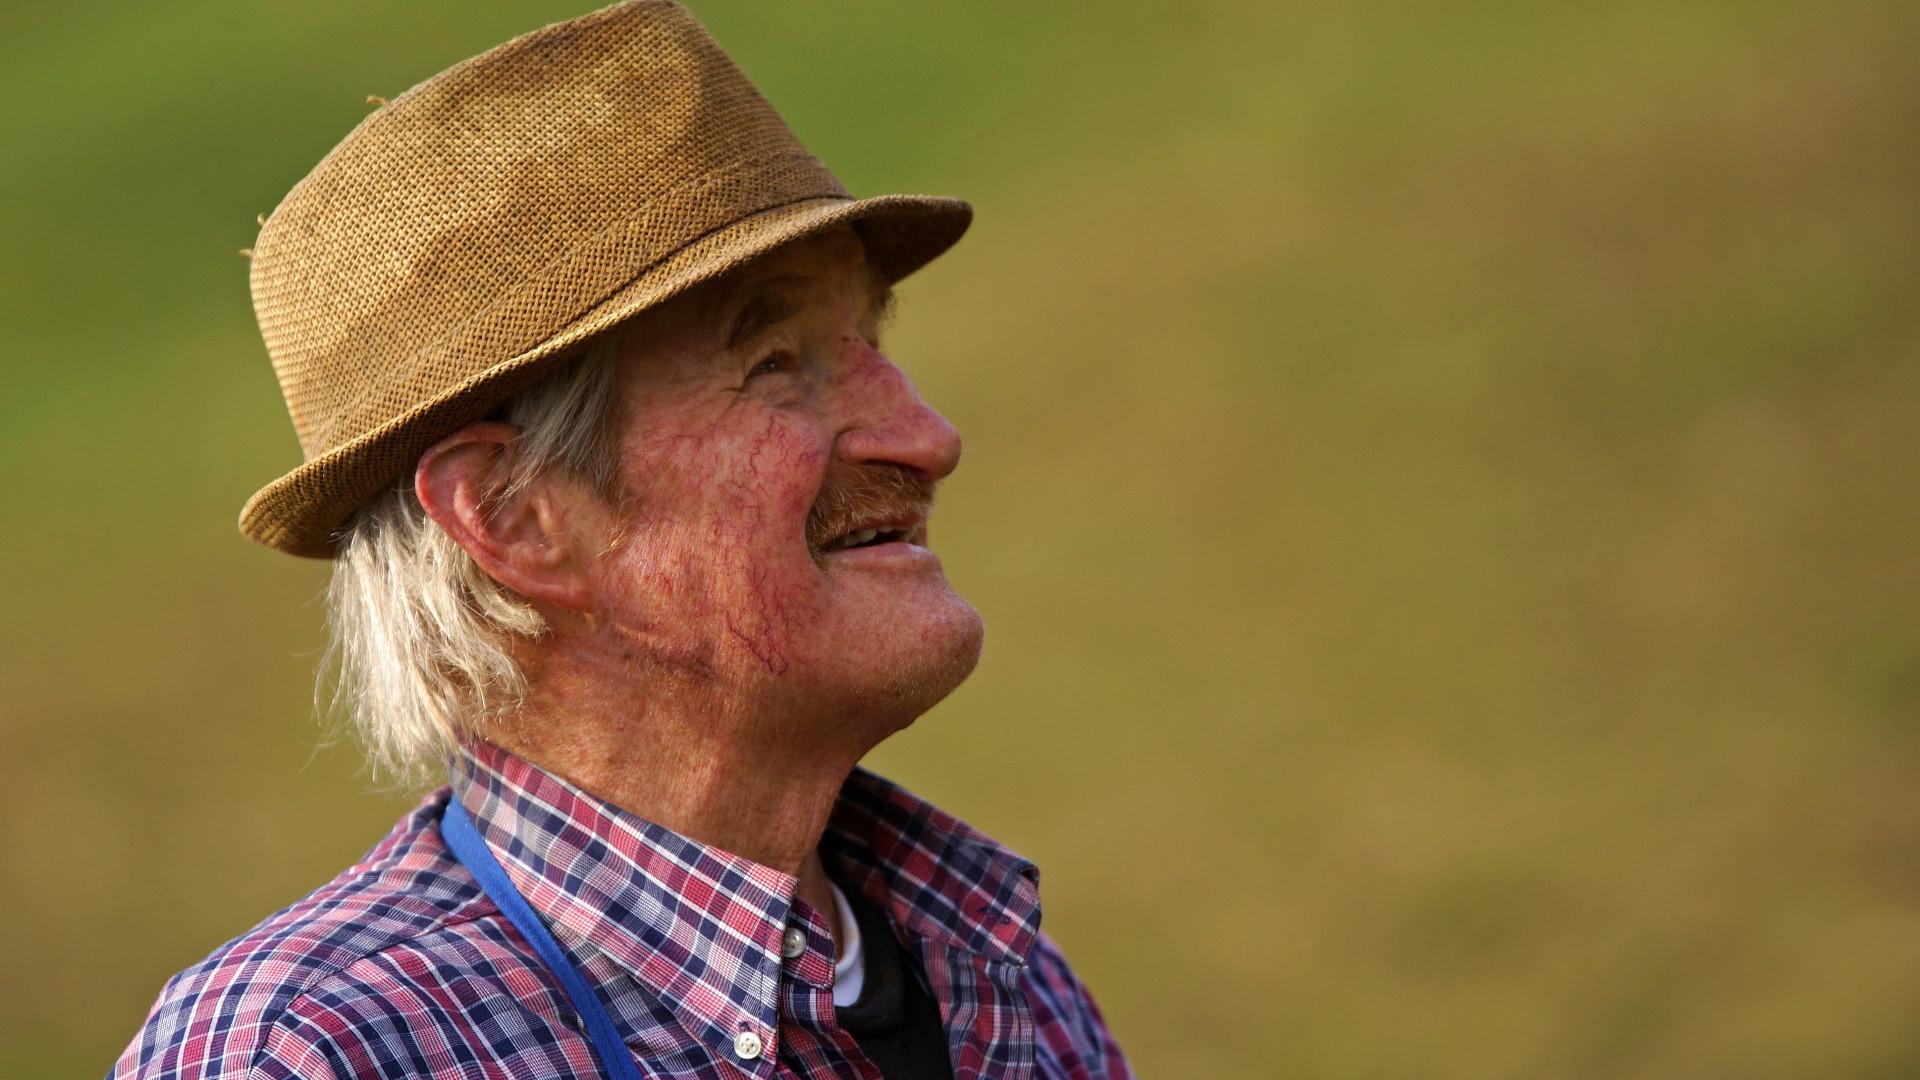 L'aide à domicile est compatible avec la maladie d'Alzheimer